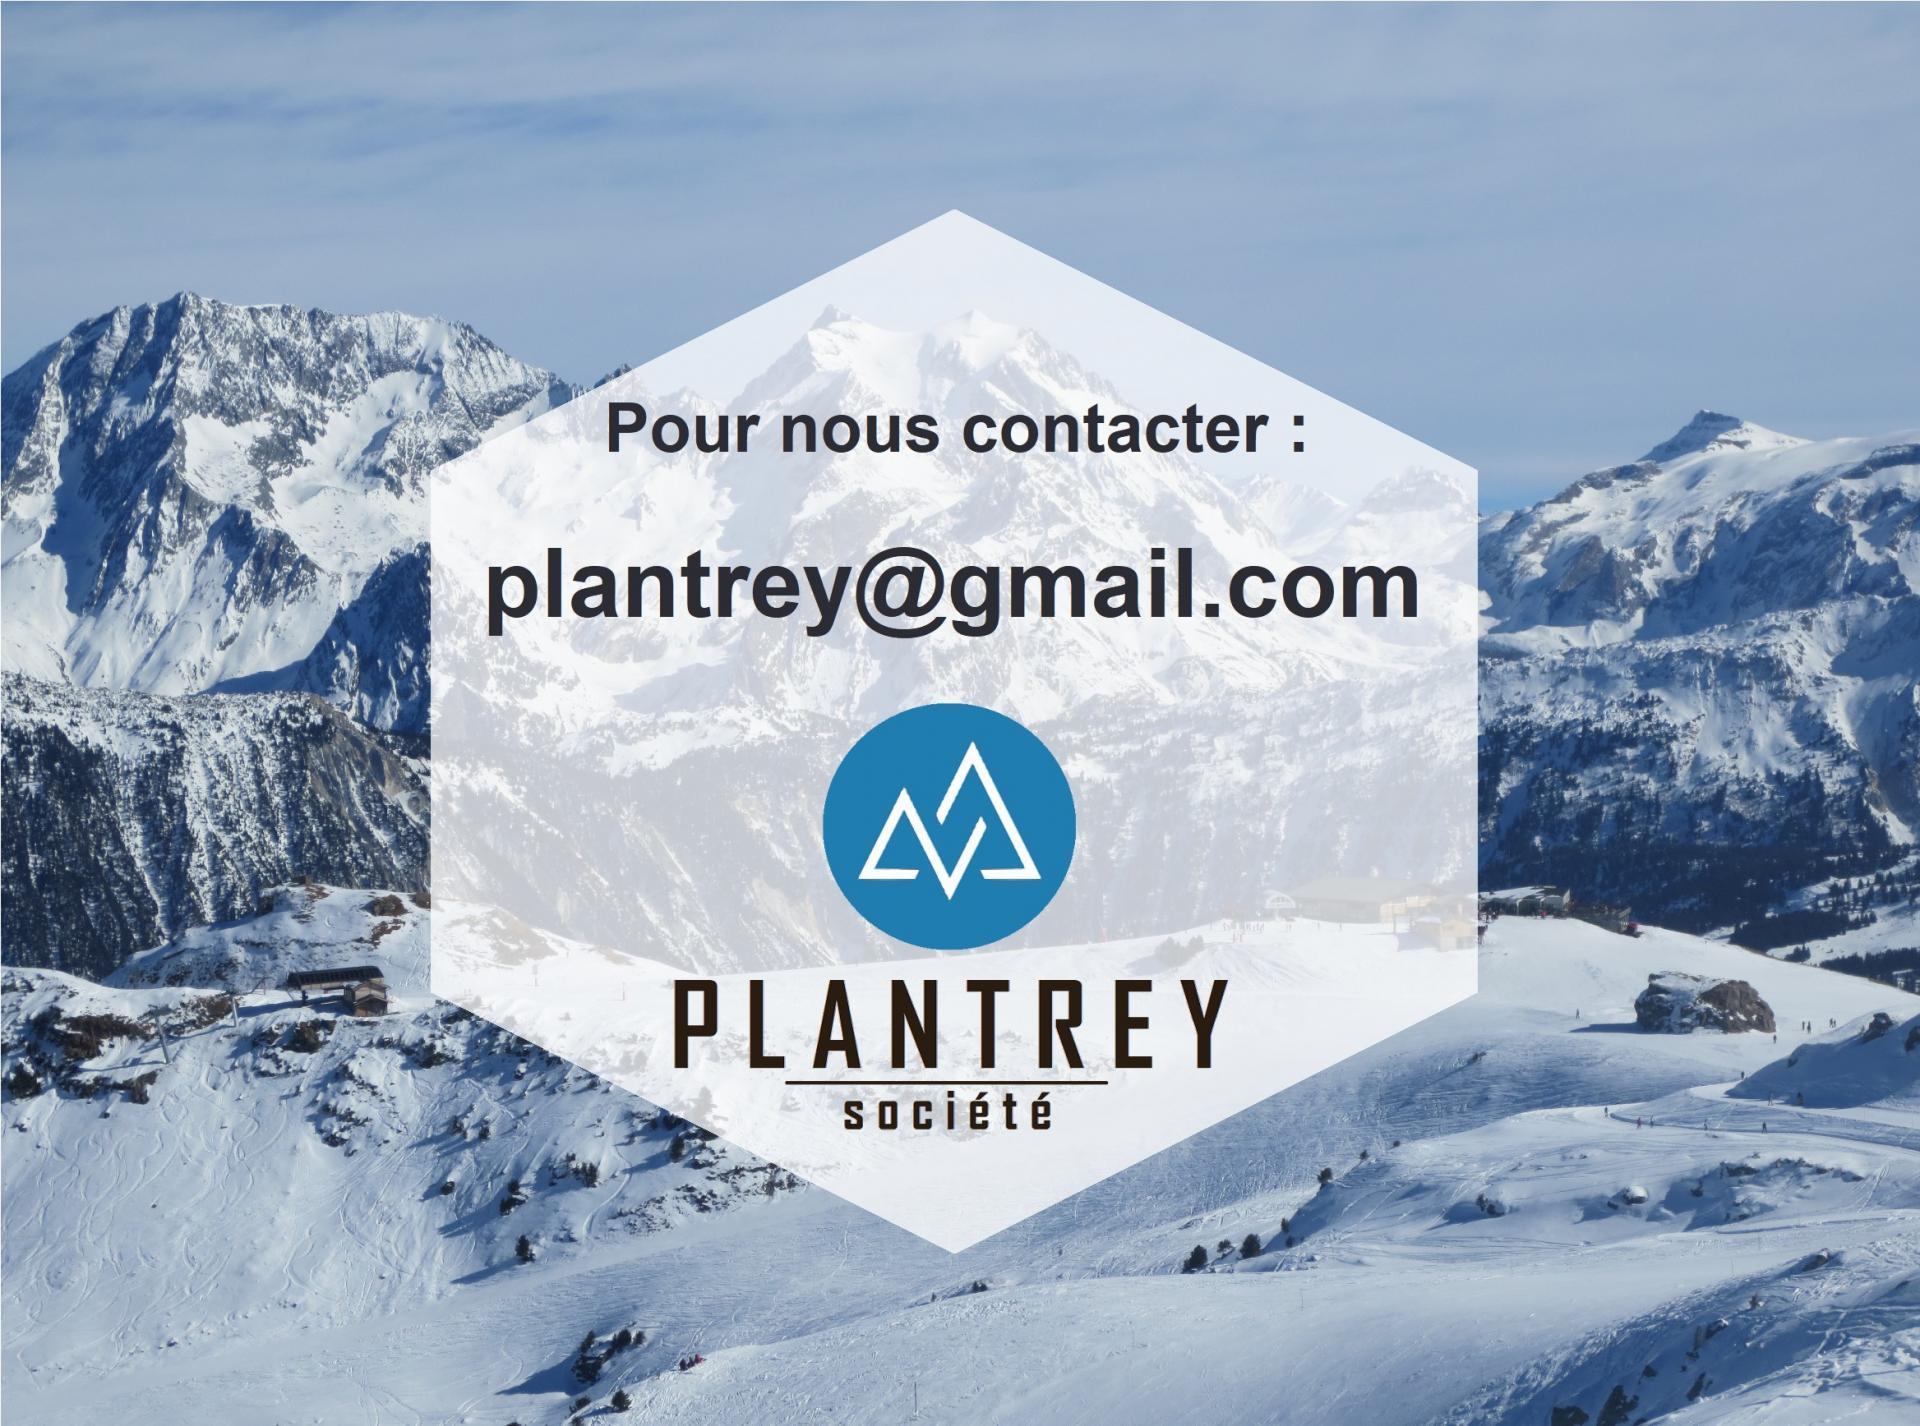 Plantrey société